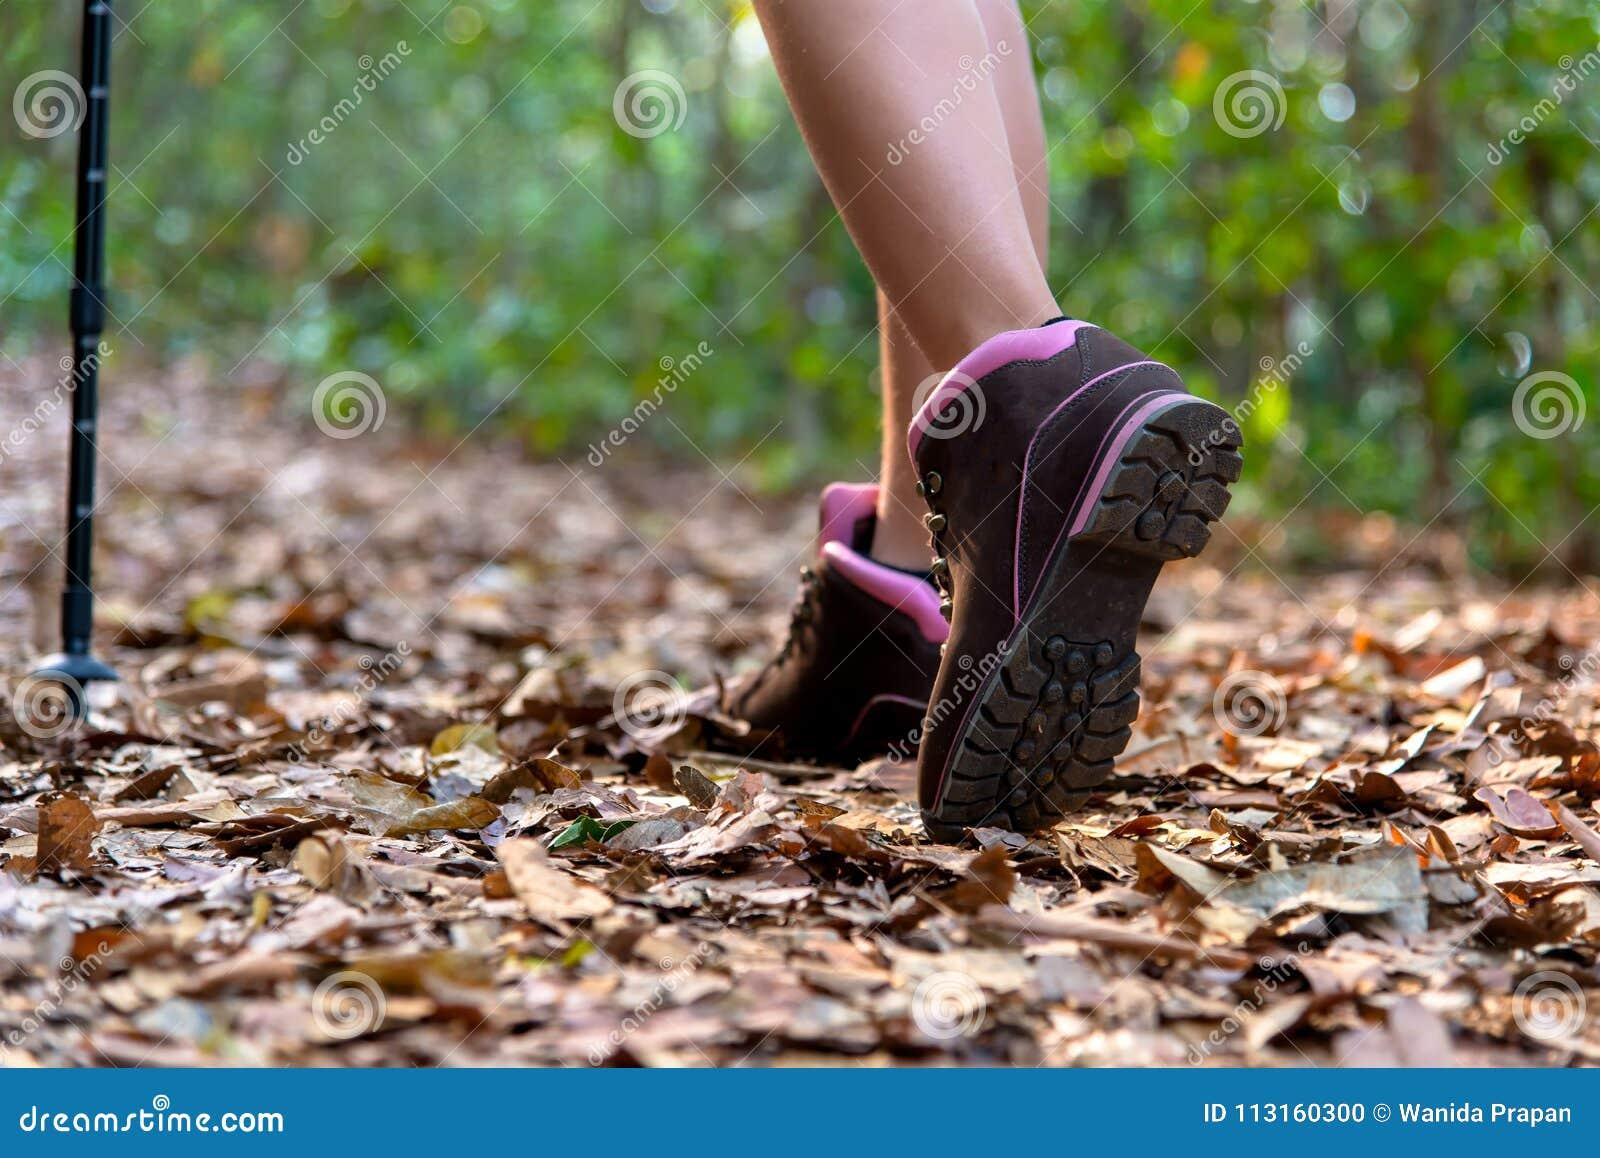 Närbilden av kvinnlig fotvandrarefot och skon som går på skog, skuggar